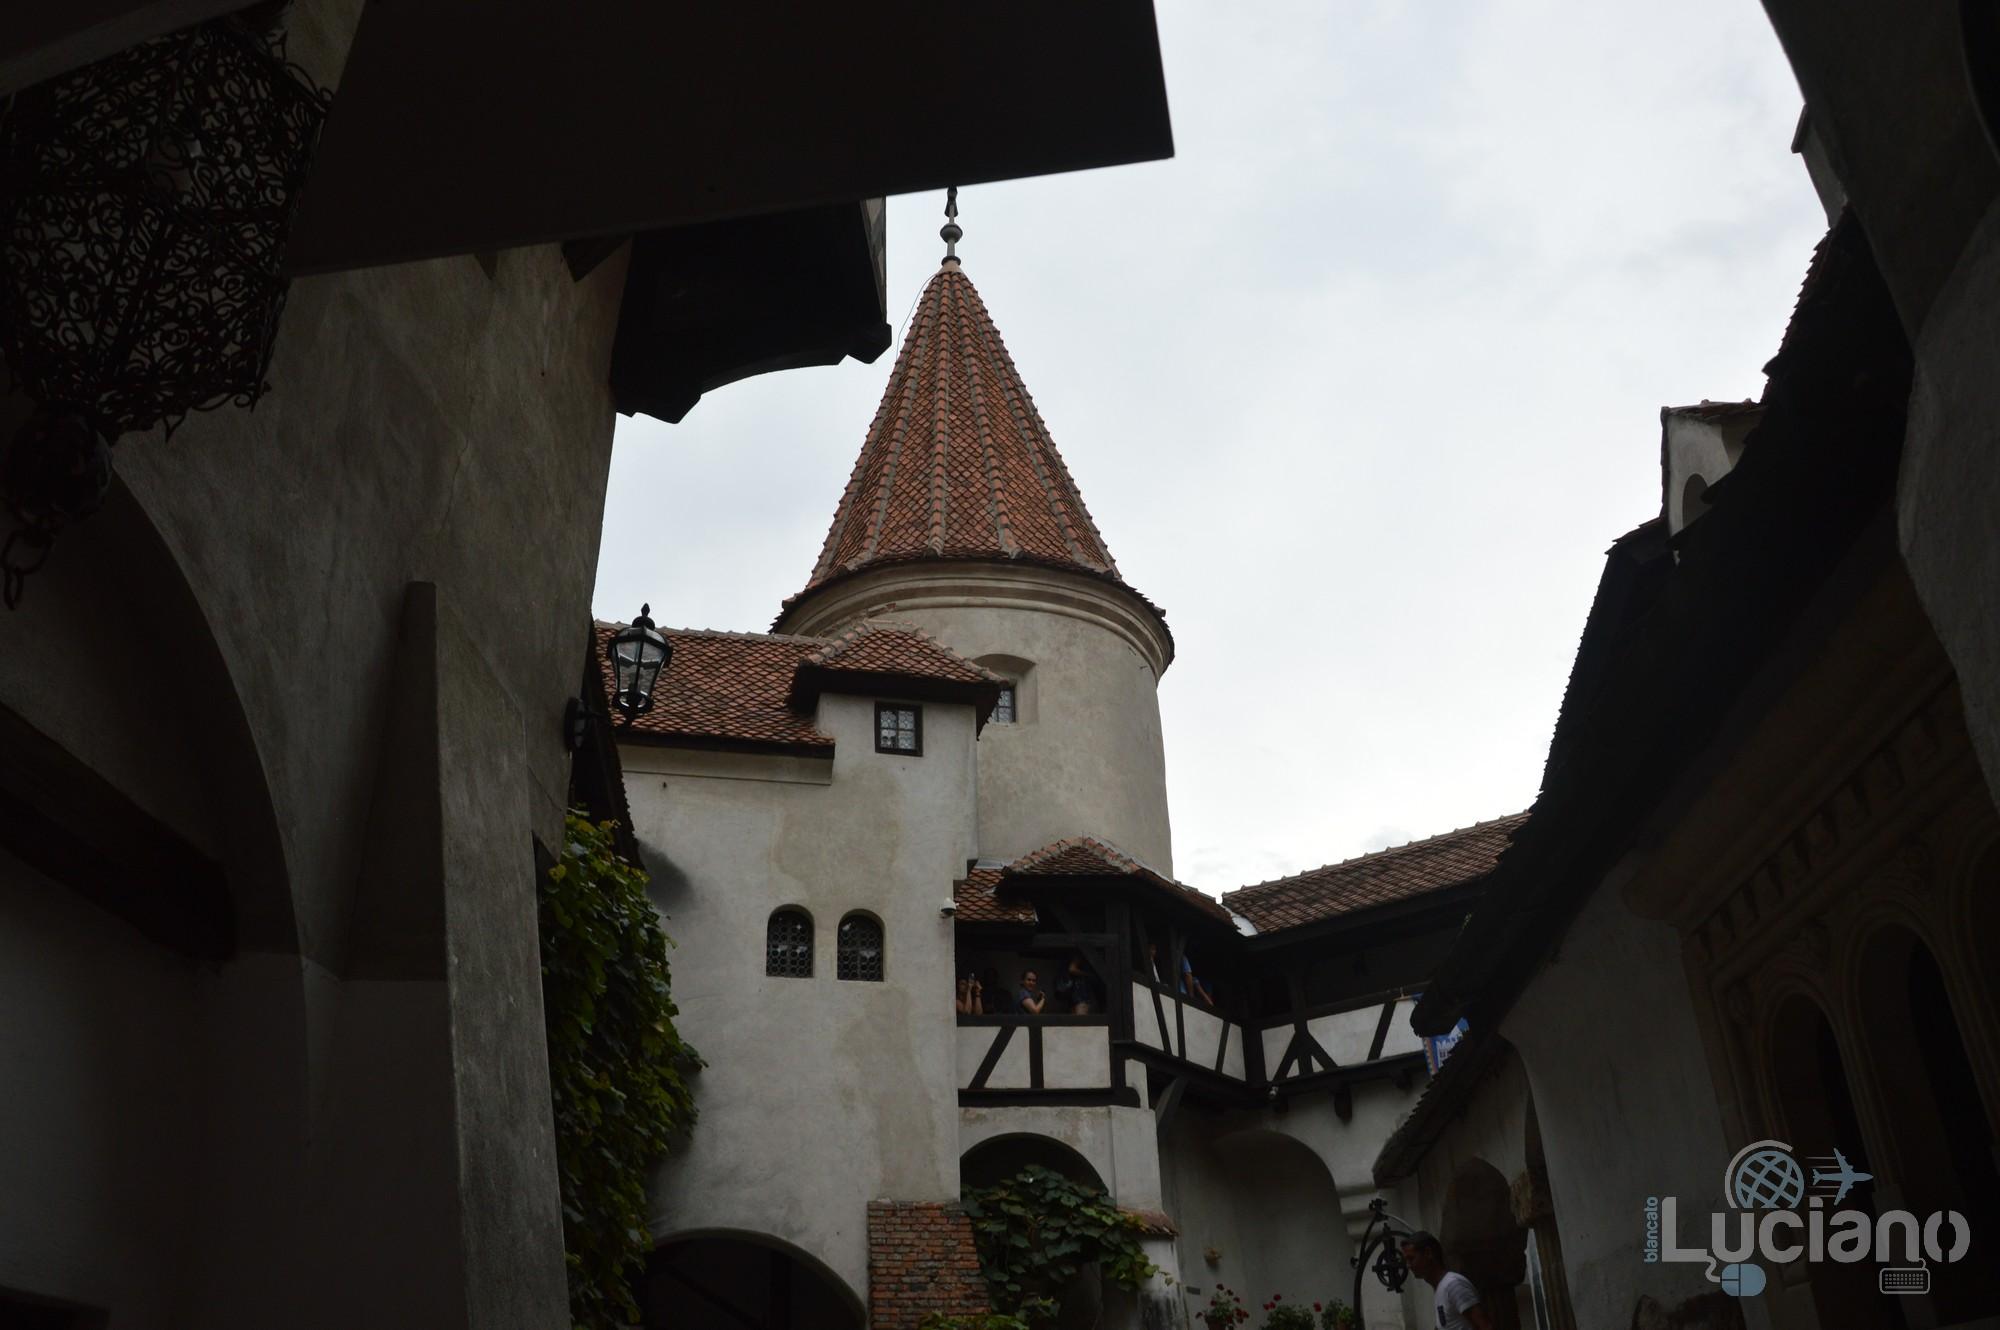 castello-di-dracula-castello-di-bran-luciano-blancato (32)